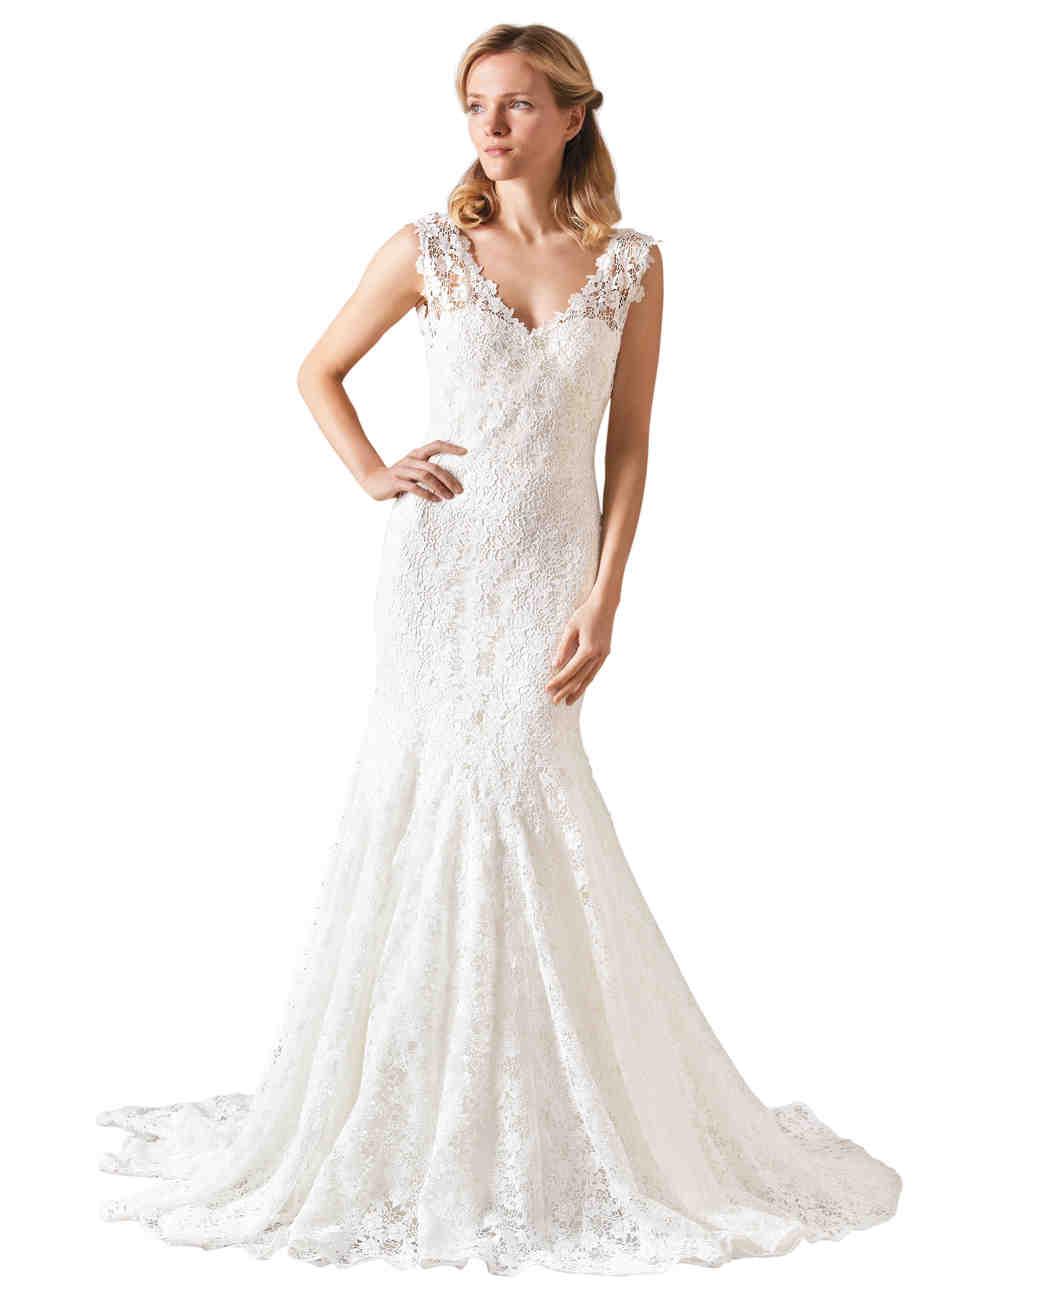 Pictures of lauren conrad wedding dress